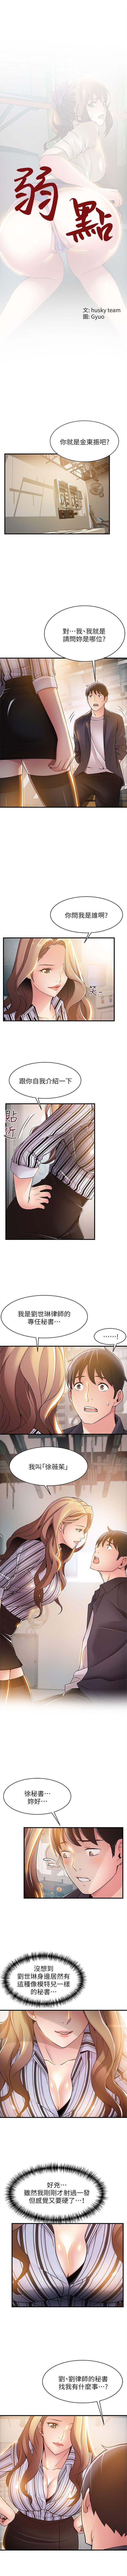 (週7)弱點 1-76 中文翻譯(更新中) 100